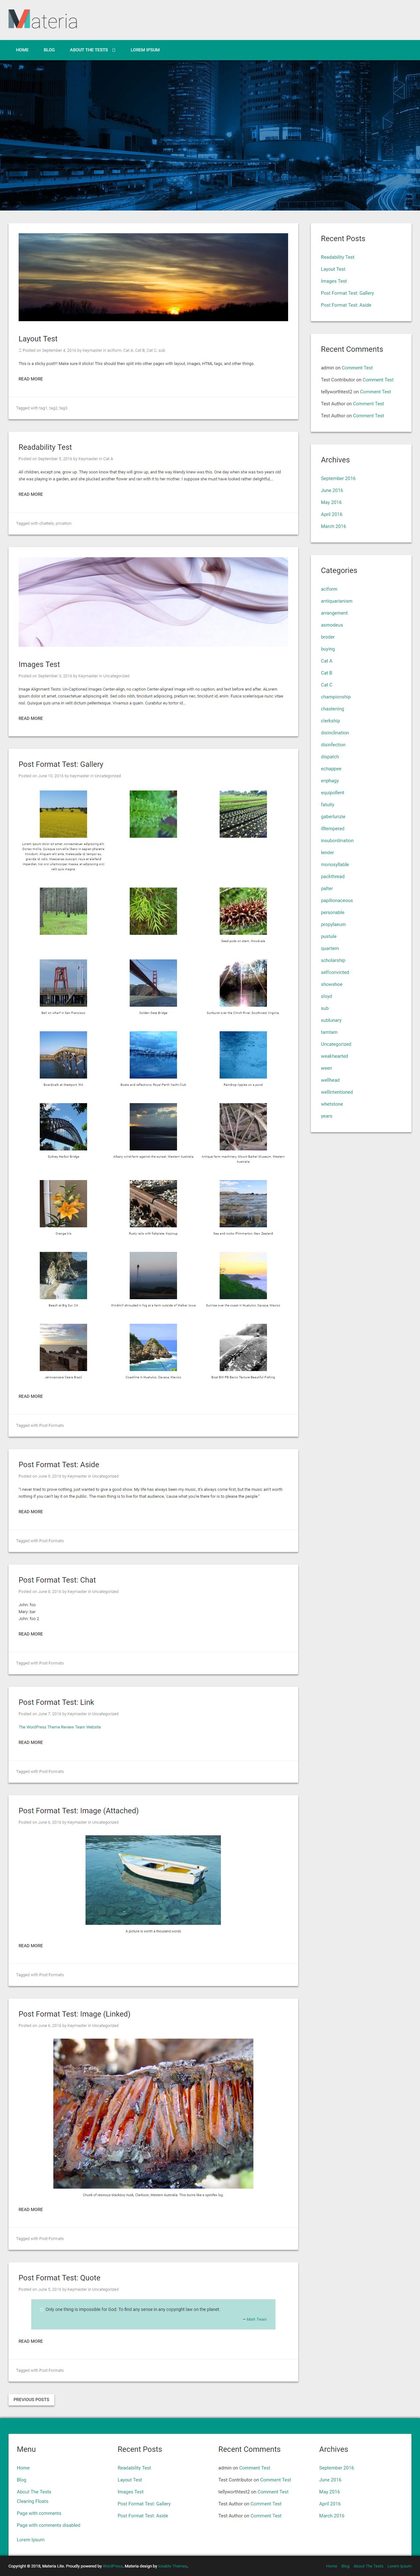 Materia Lite - Mejor tema de WordPress para diseño de materiales gratuito